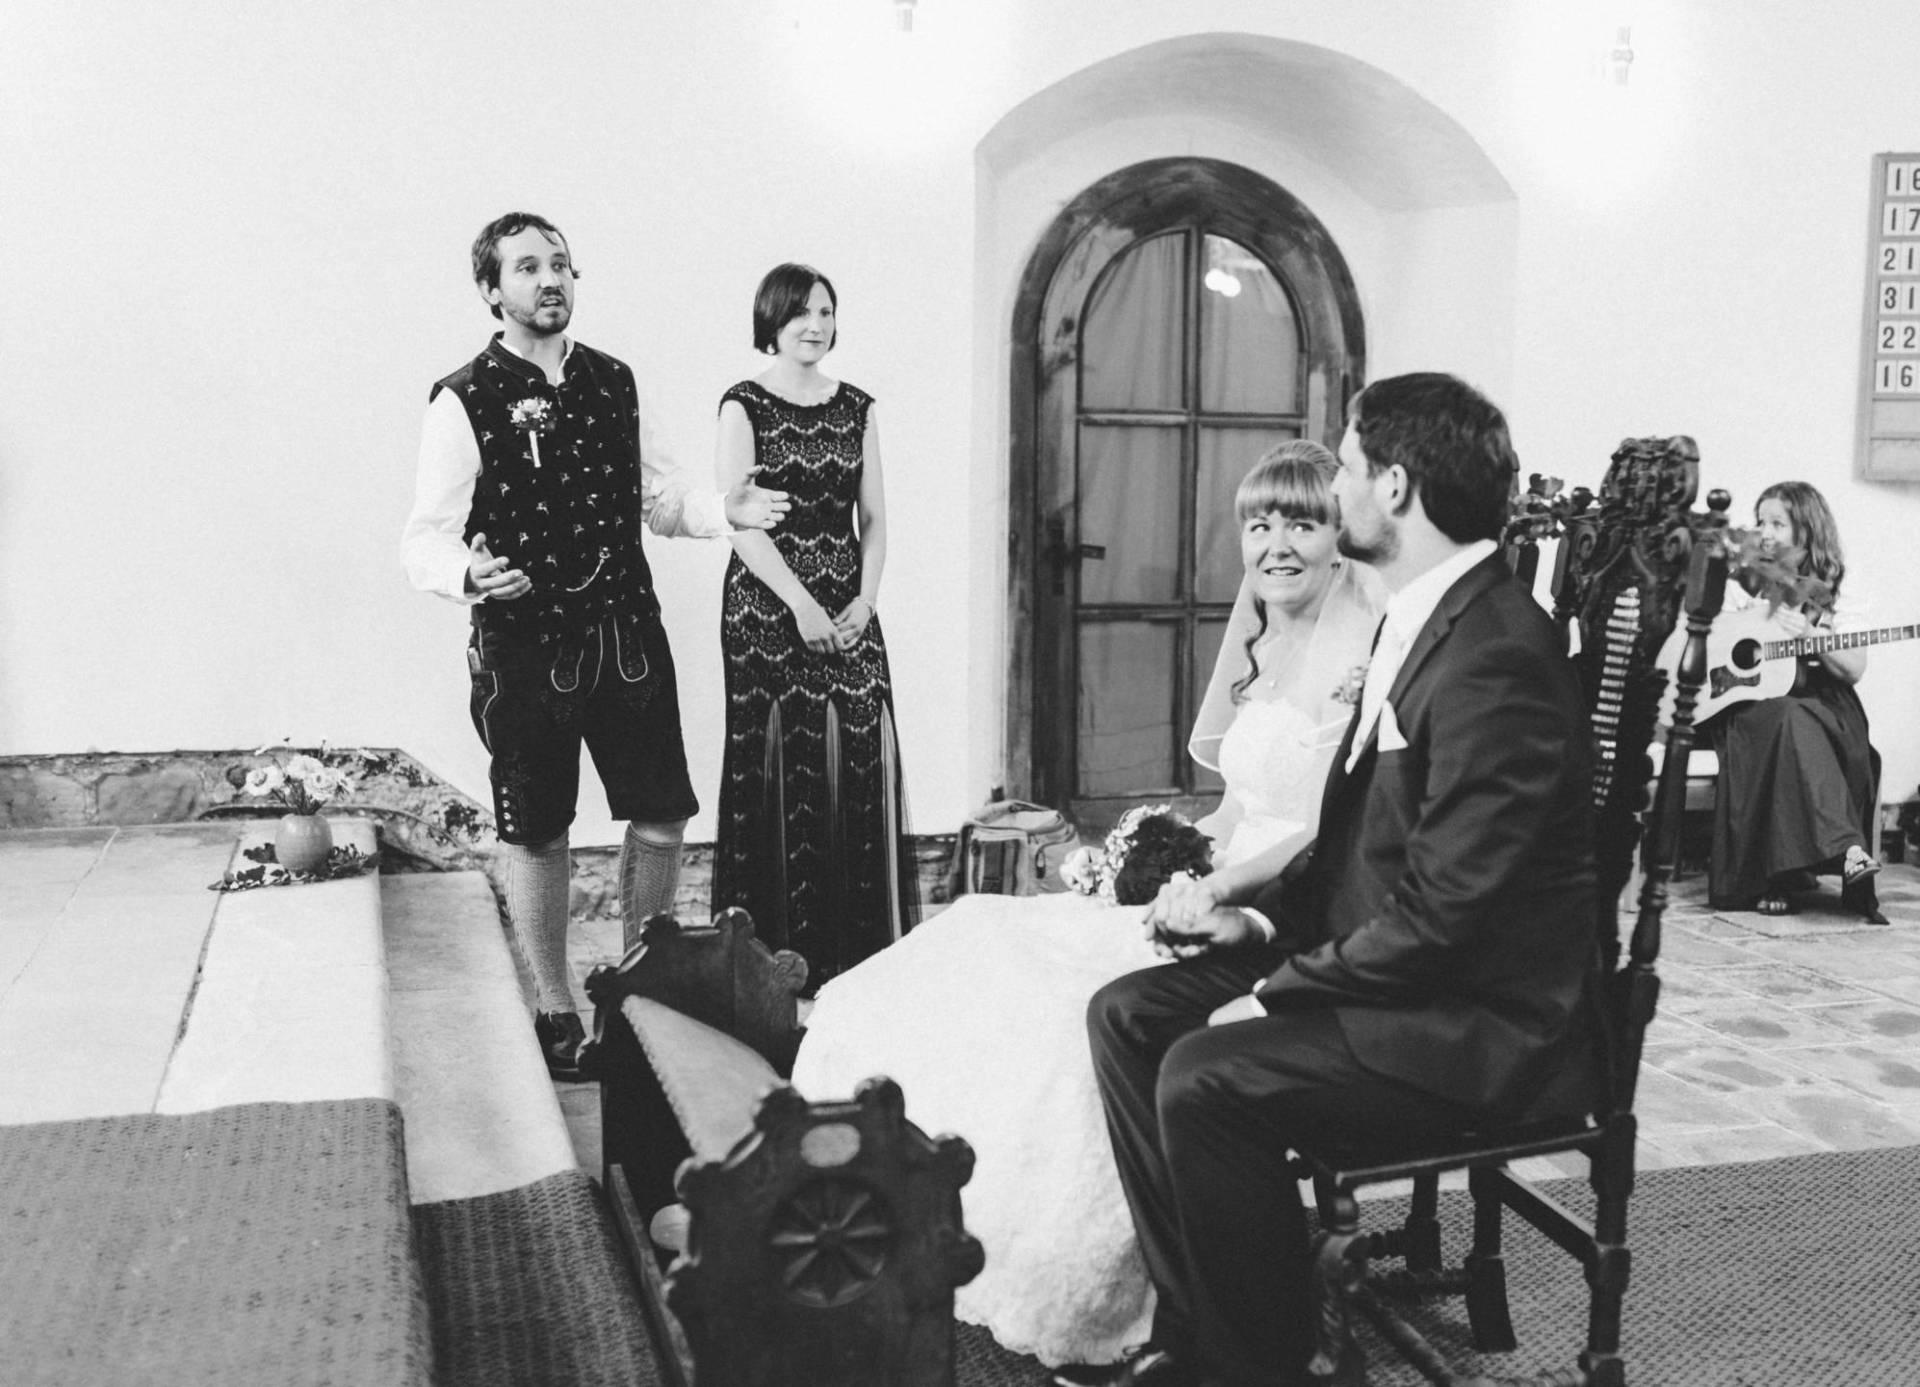 Bayrische Hochzeit 16 - Bayrische Jagdhüttenhochzeit in Thüringen